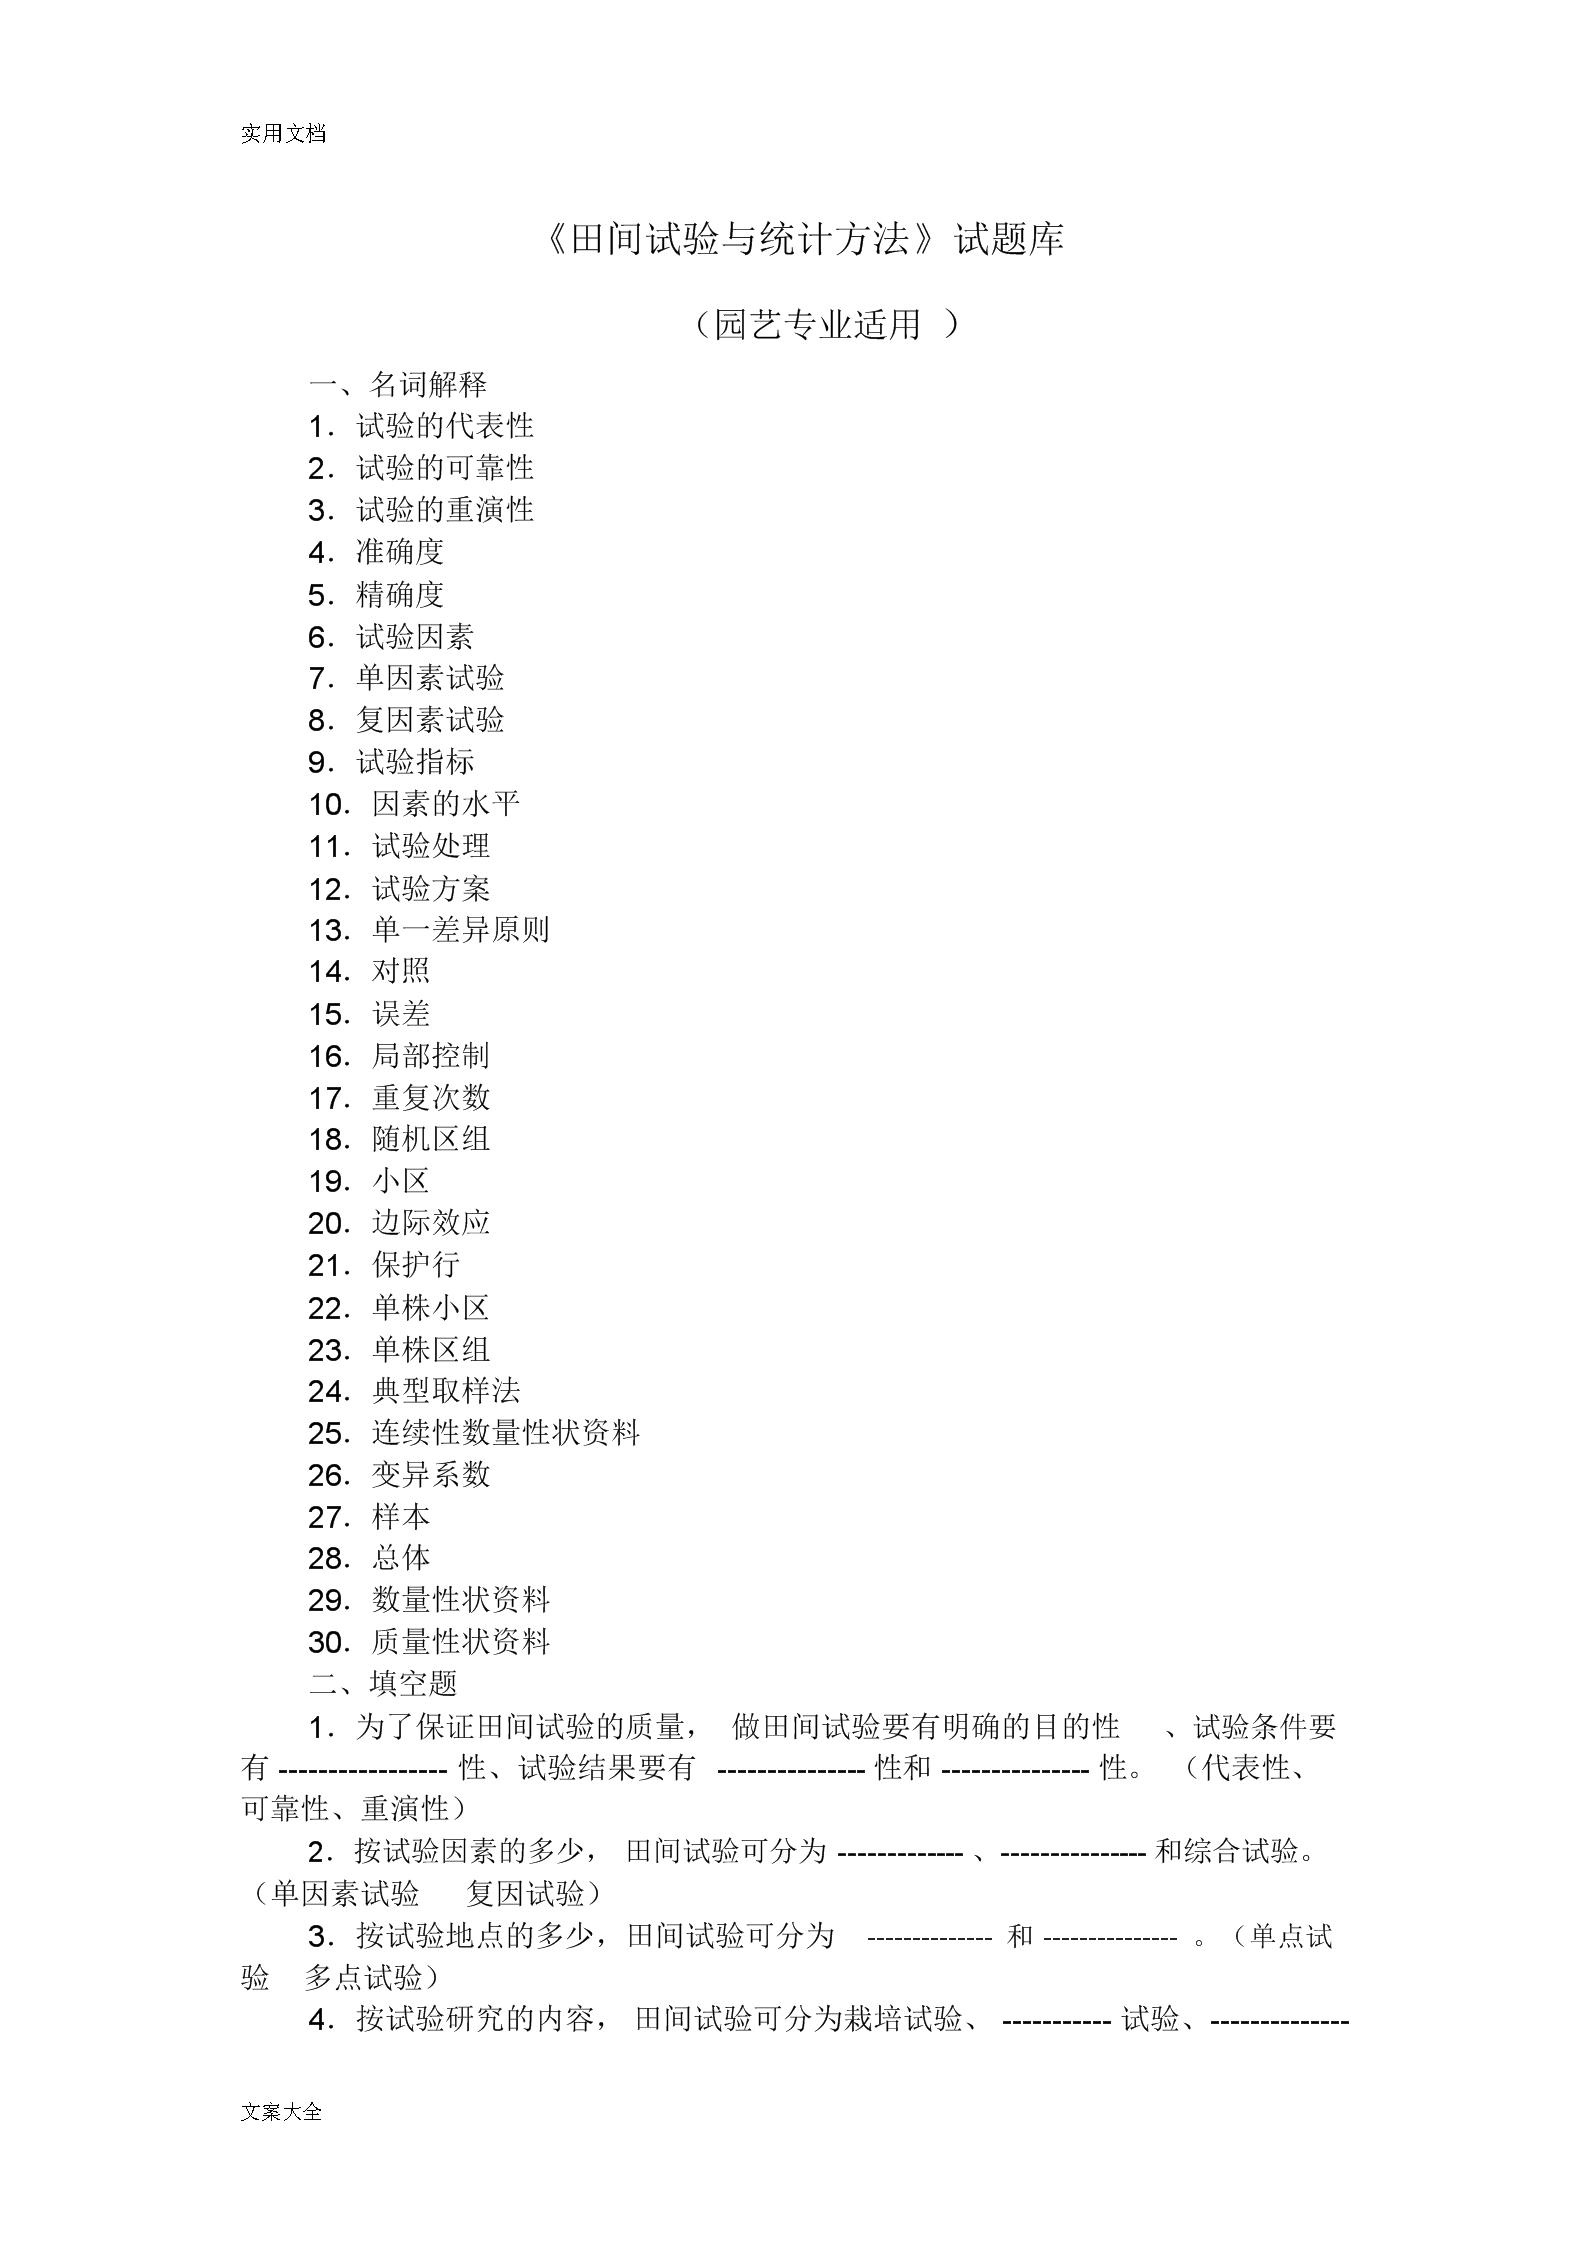 《田间试验与统计方法》精彩试题库.docx